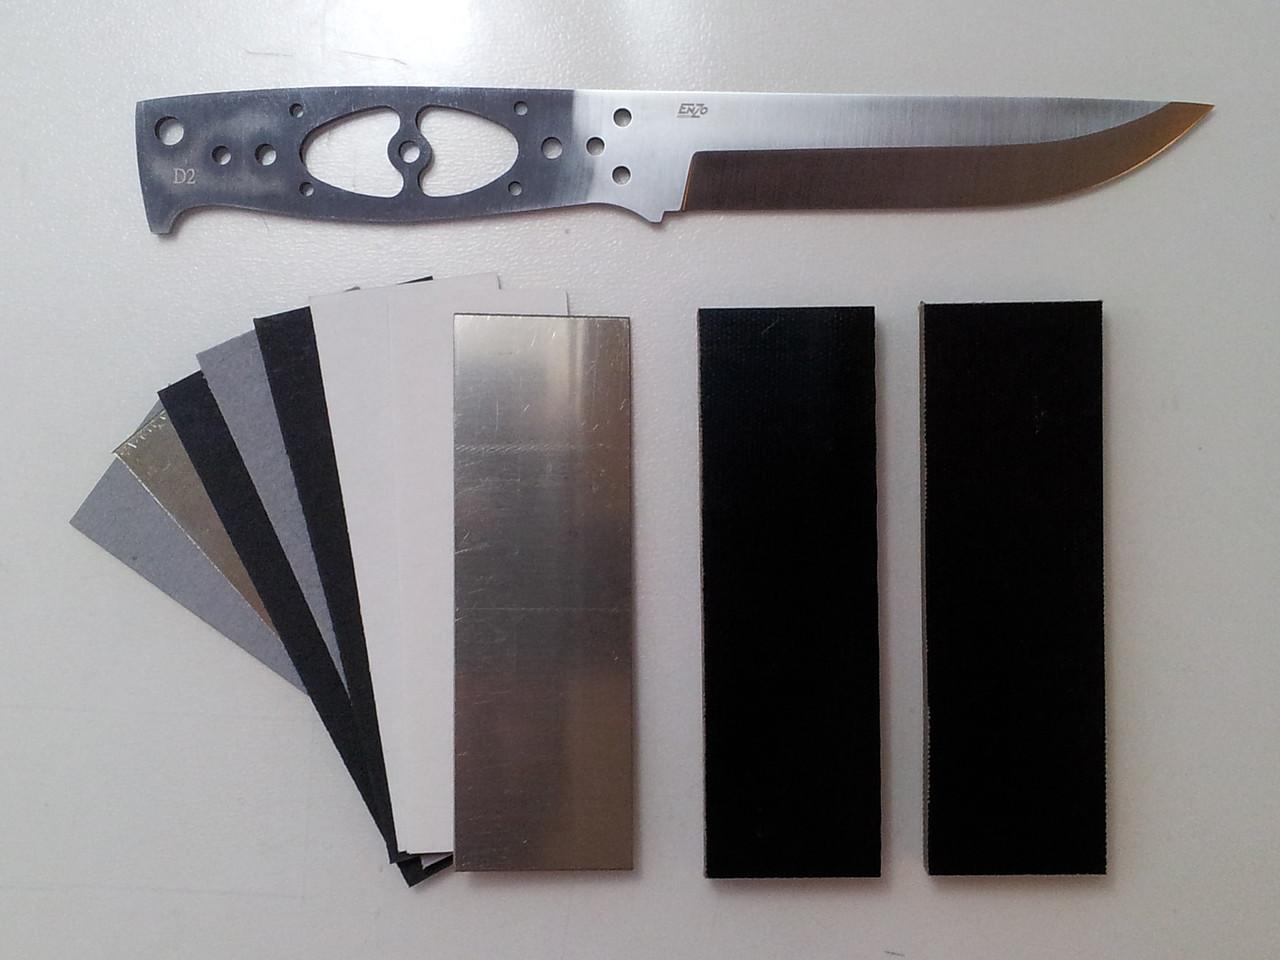 Cuchillos y navajas un lugar de reuni n enzo camper for Brisa cuchillos